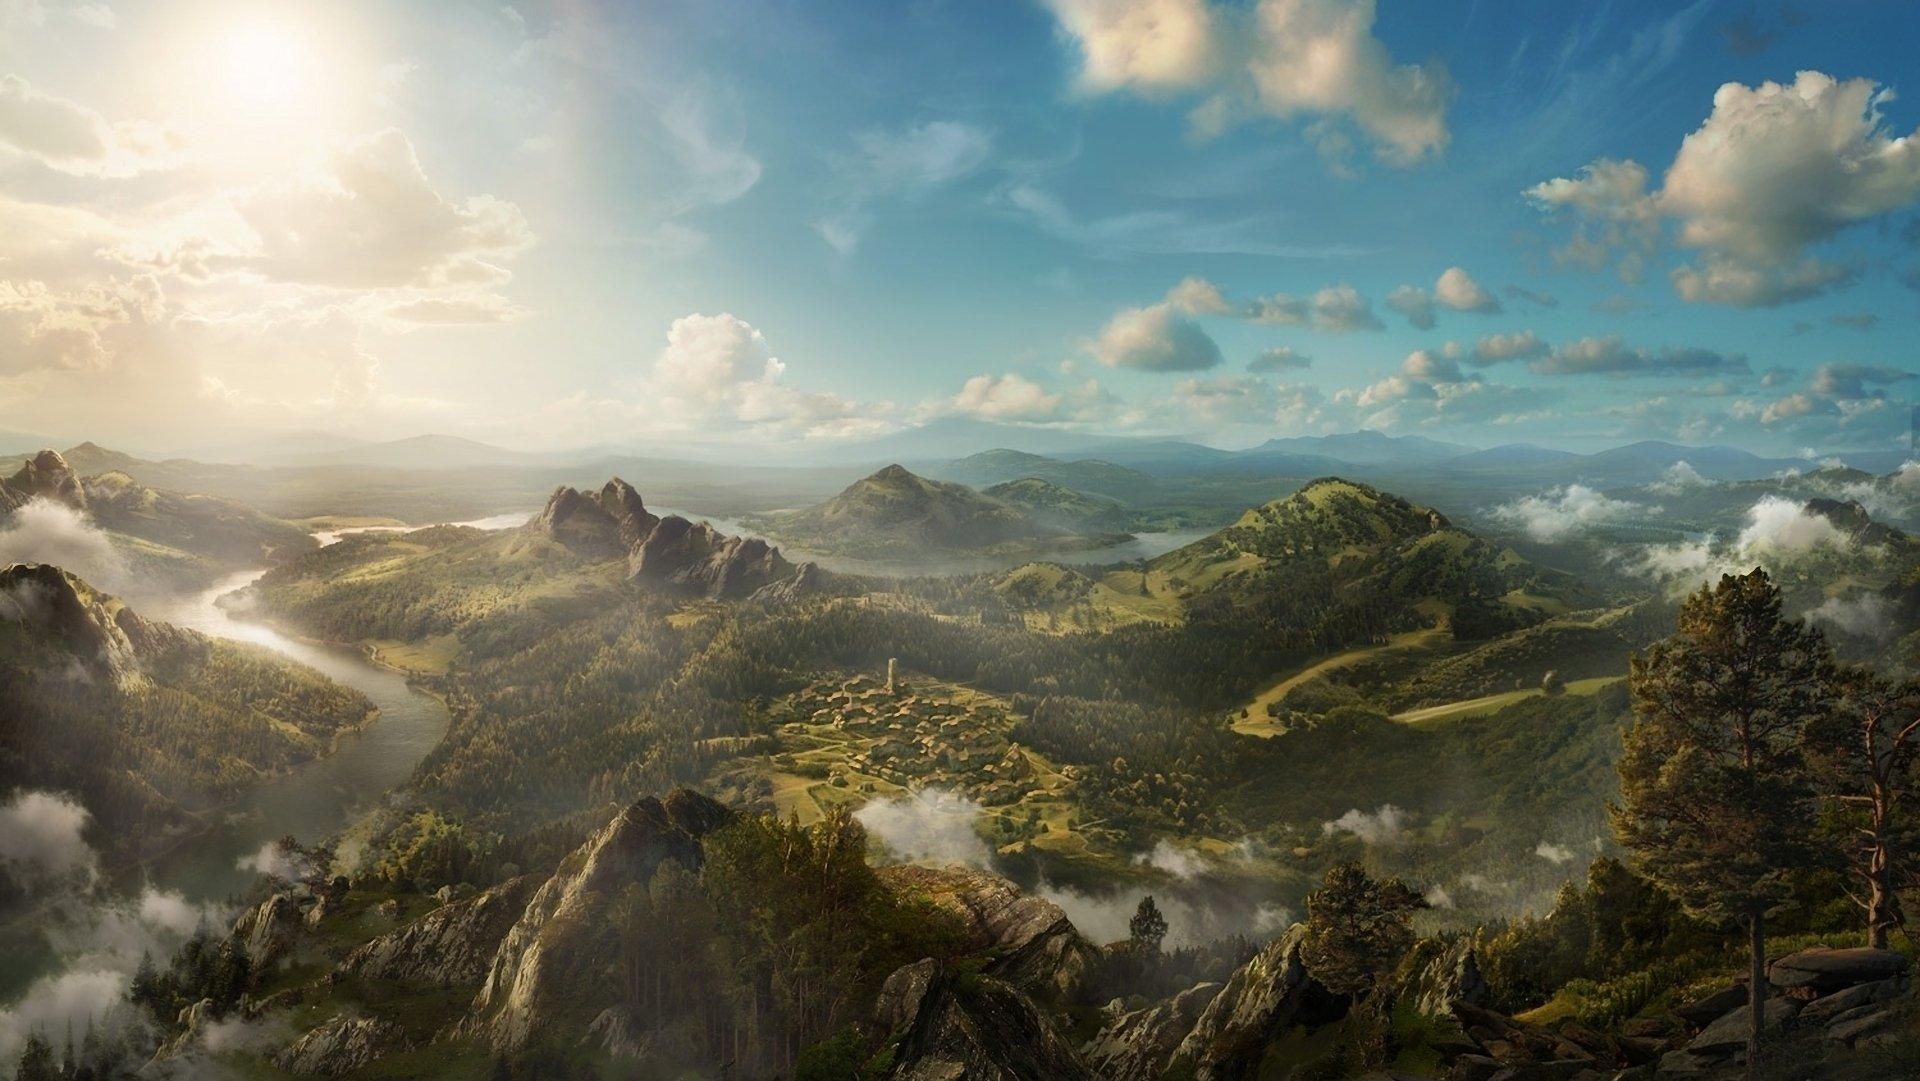 природа река горы скалы деревья облака  № 3796723 без смс